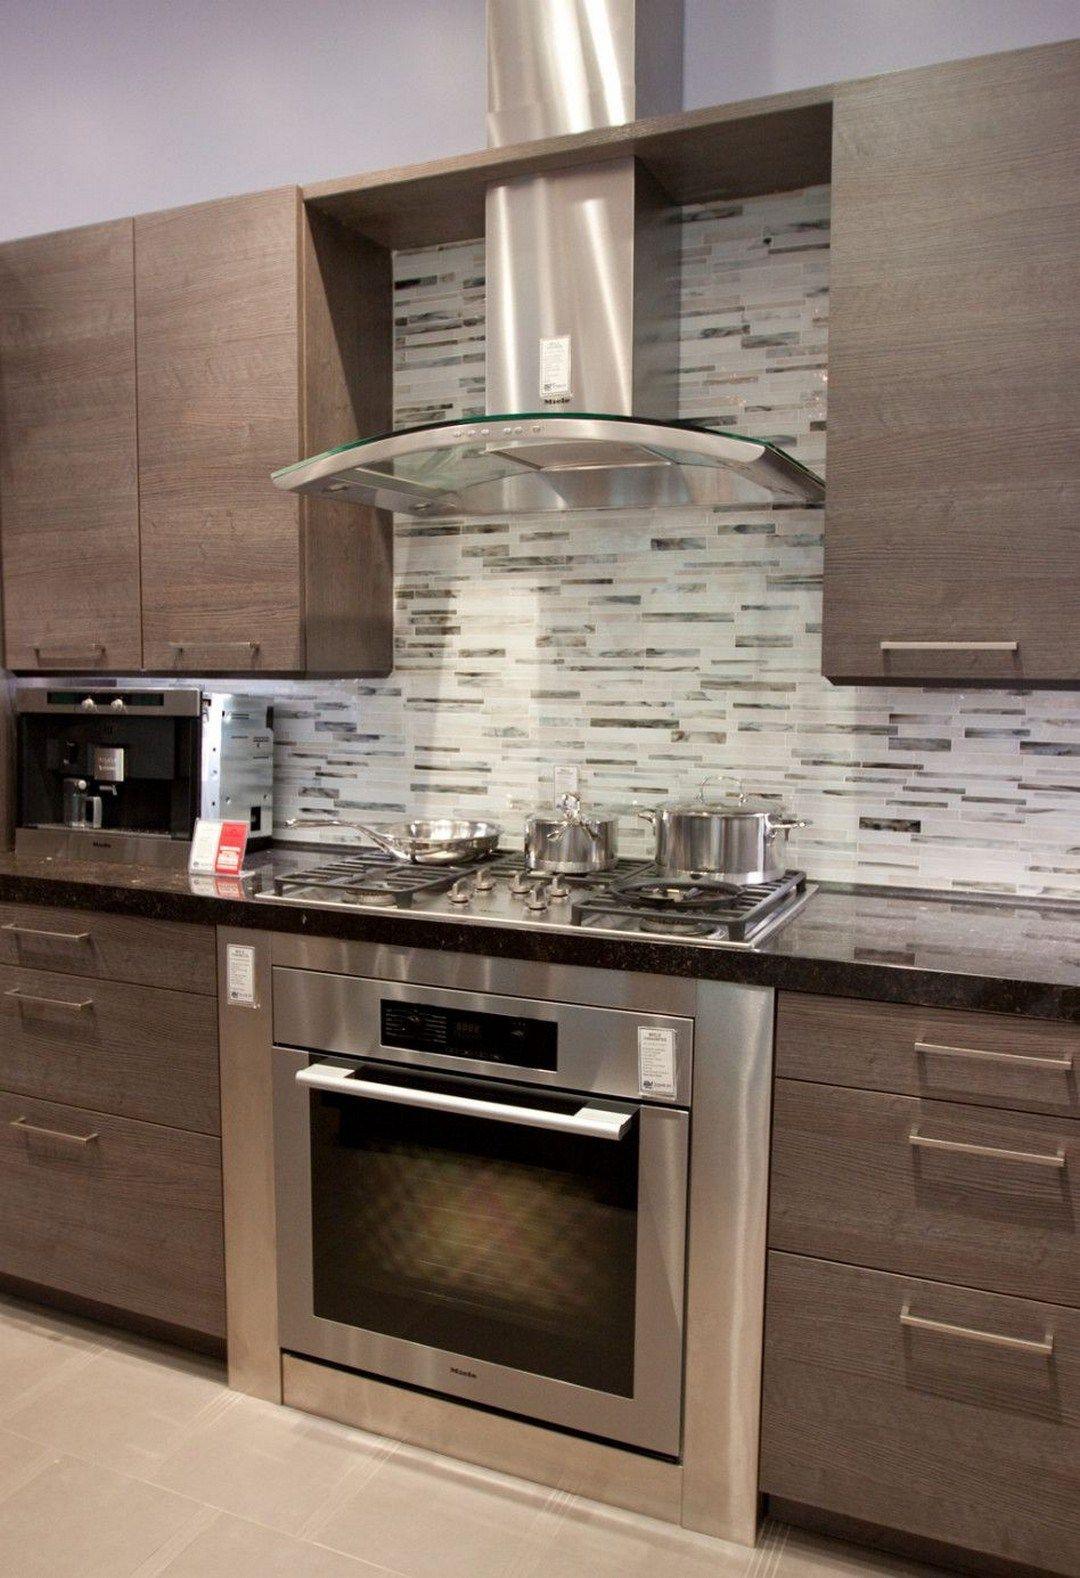 39 Amazing Modern Kitchen Cabinets Design Ideas 3 Em 2020 Com Imagens Cozinhas Modernas Cozinhas Marrons Decoracao Cozinha